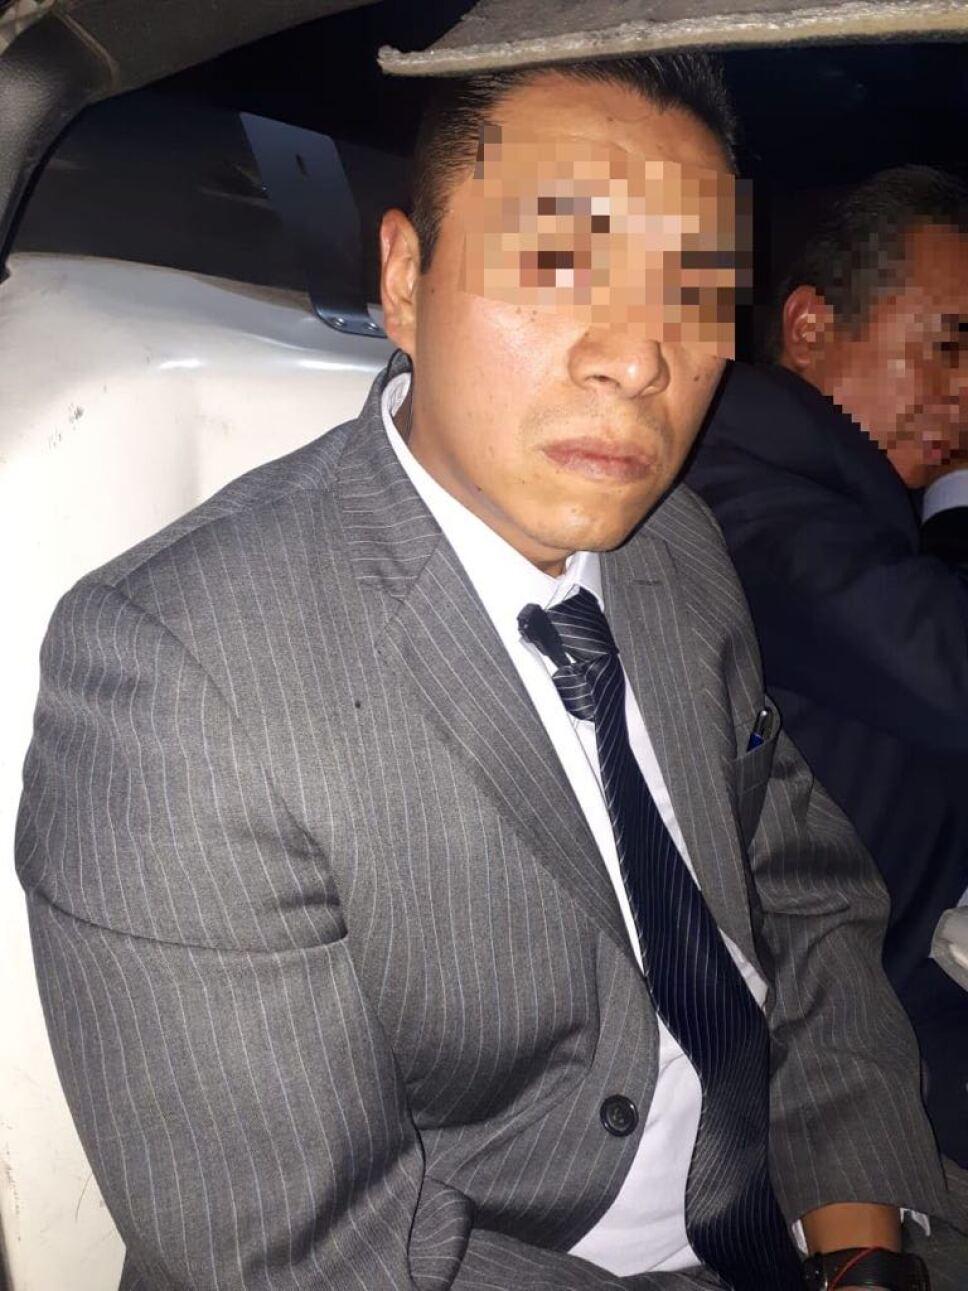 Operativo trata de personas detenidos droga y dinero 2